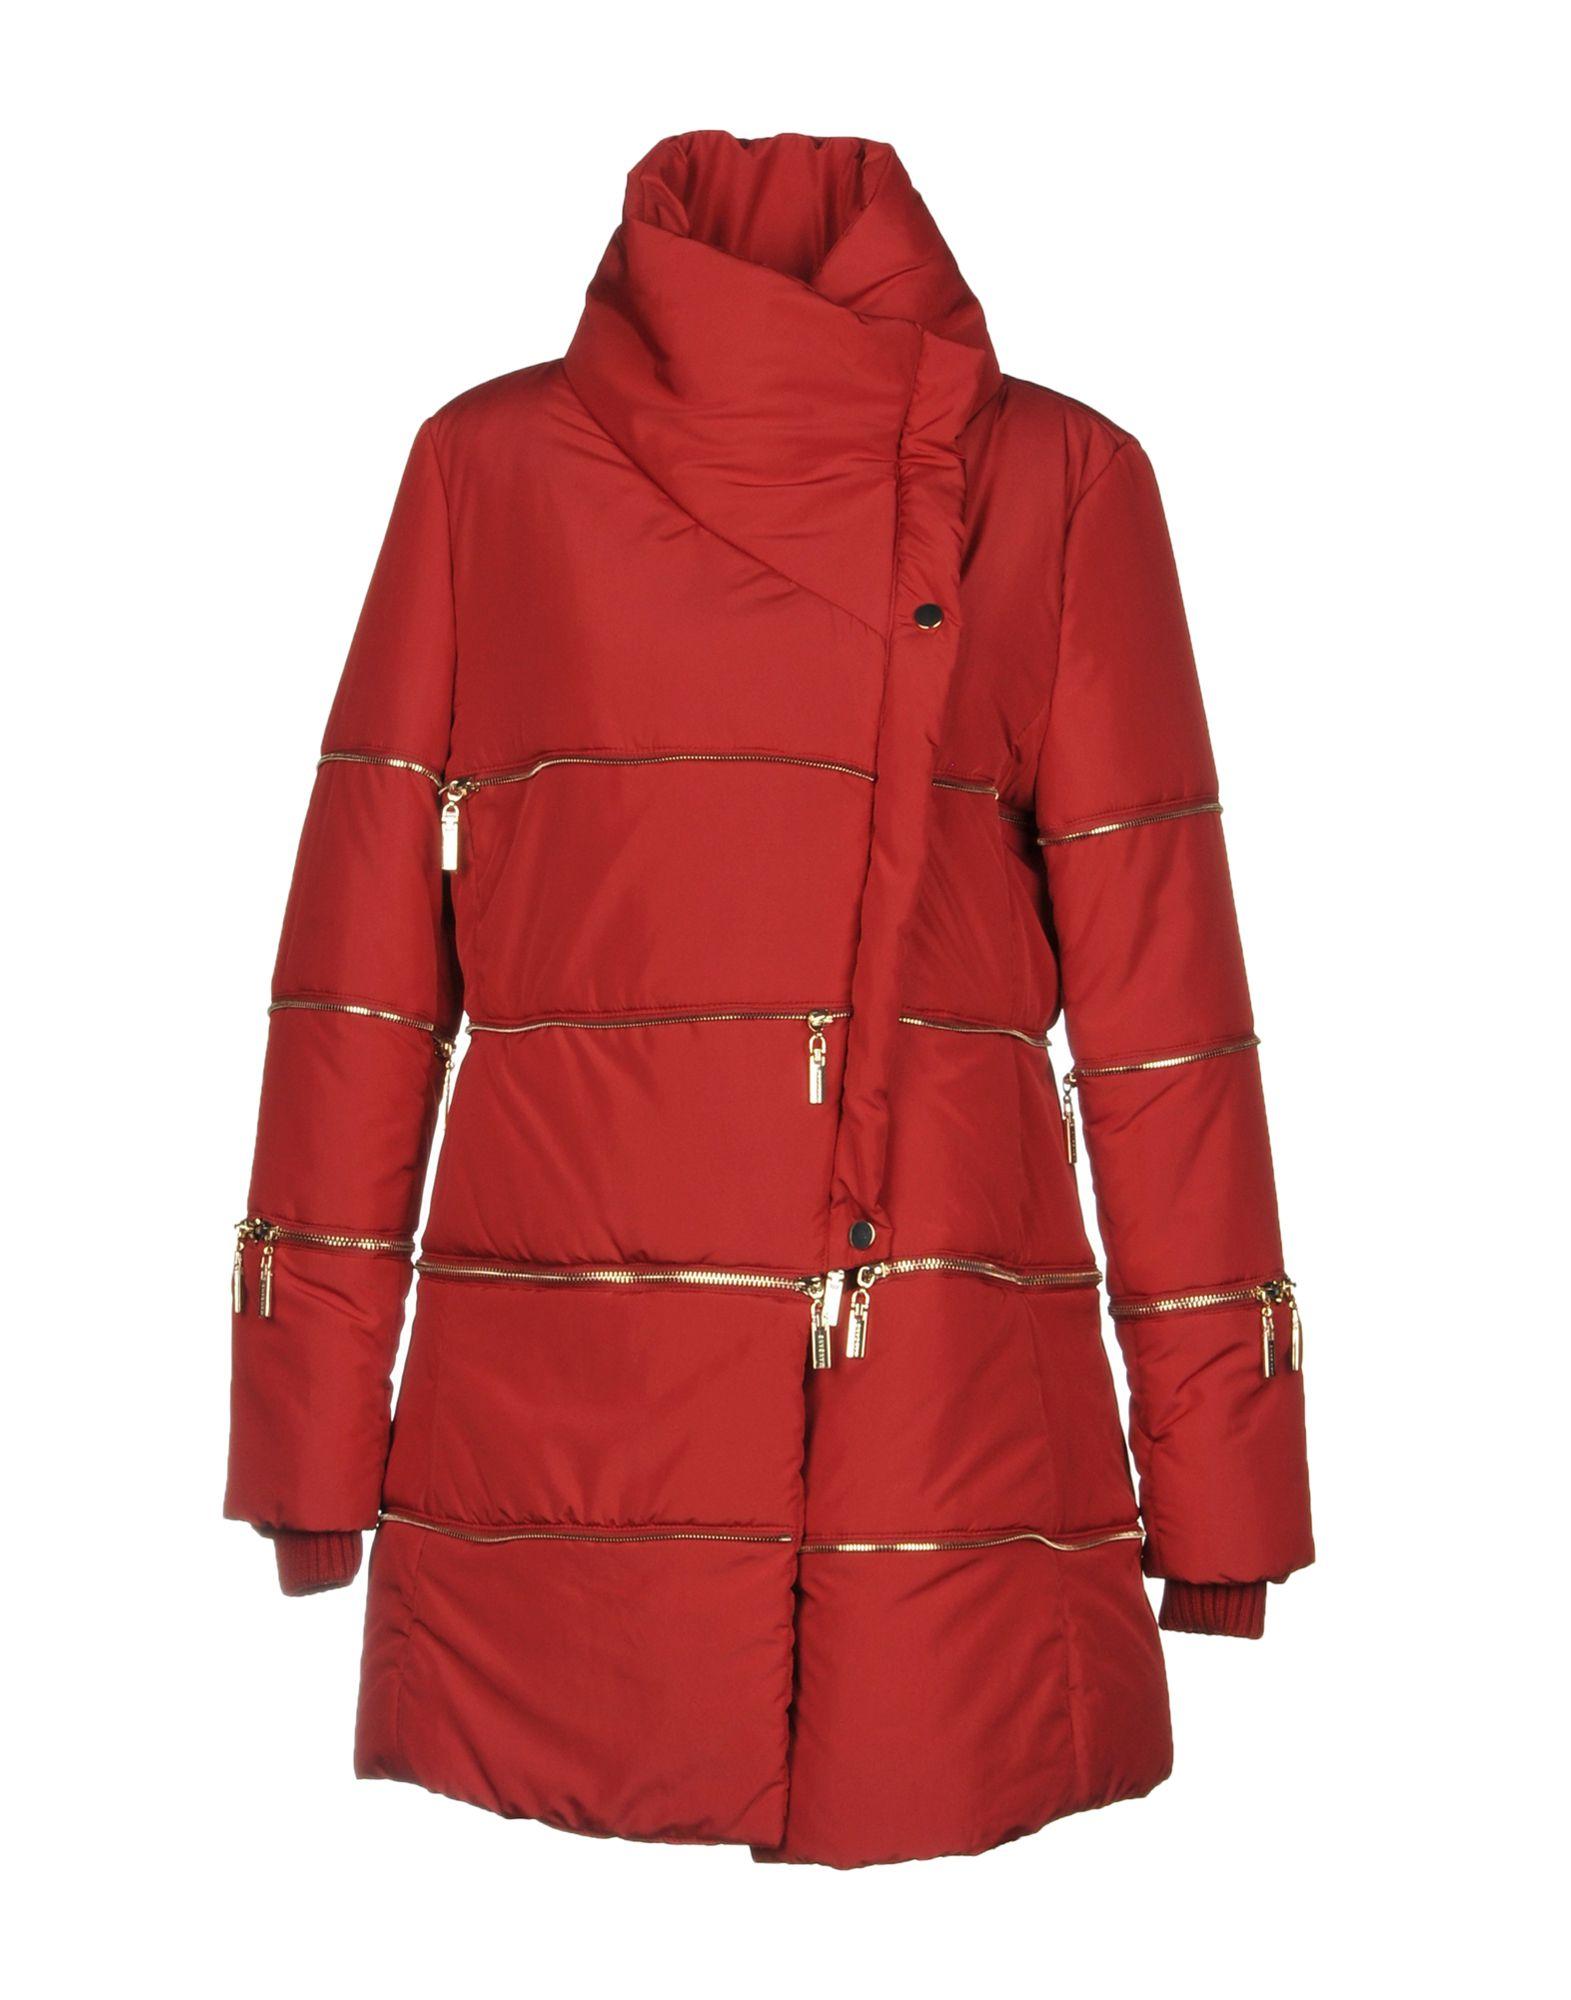 Mangano Jacket